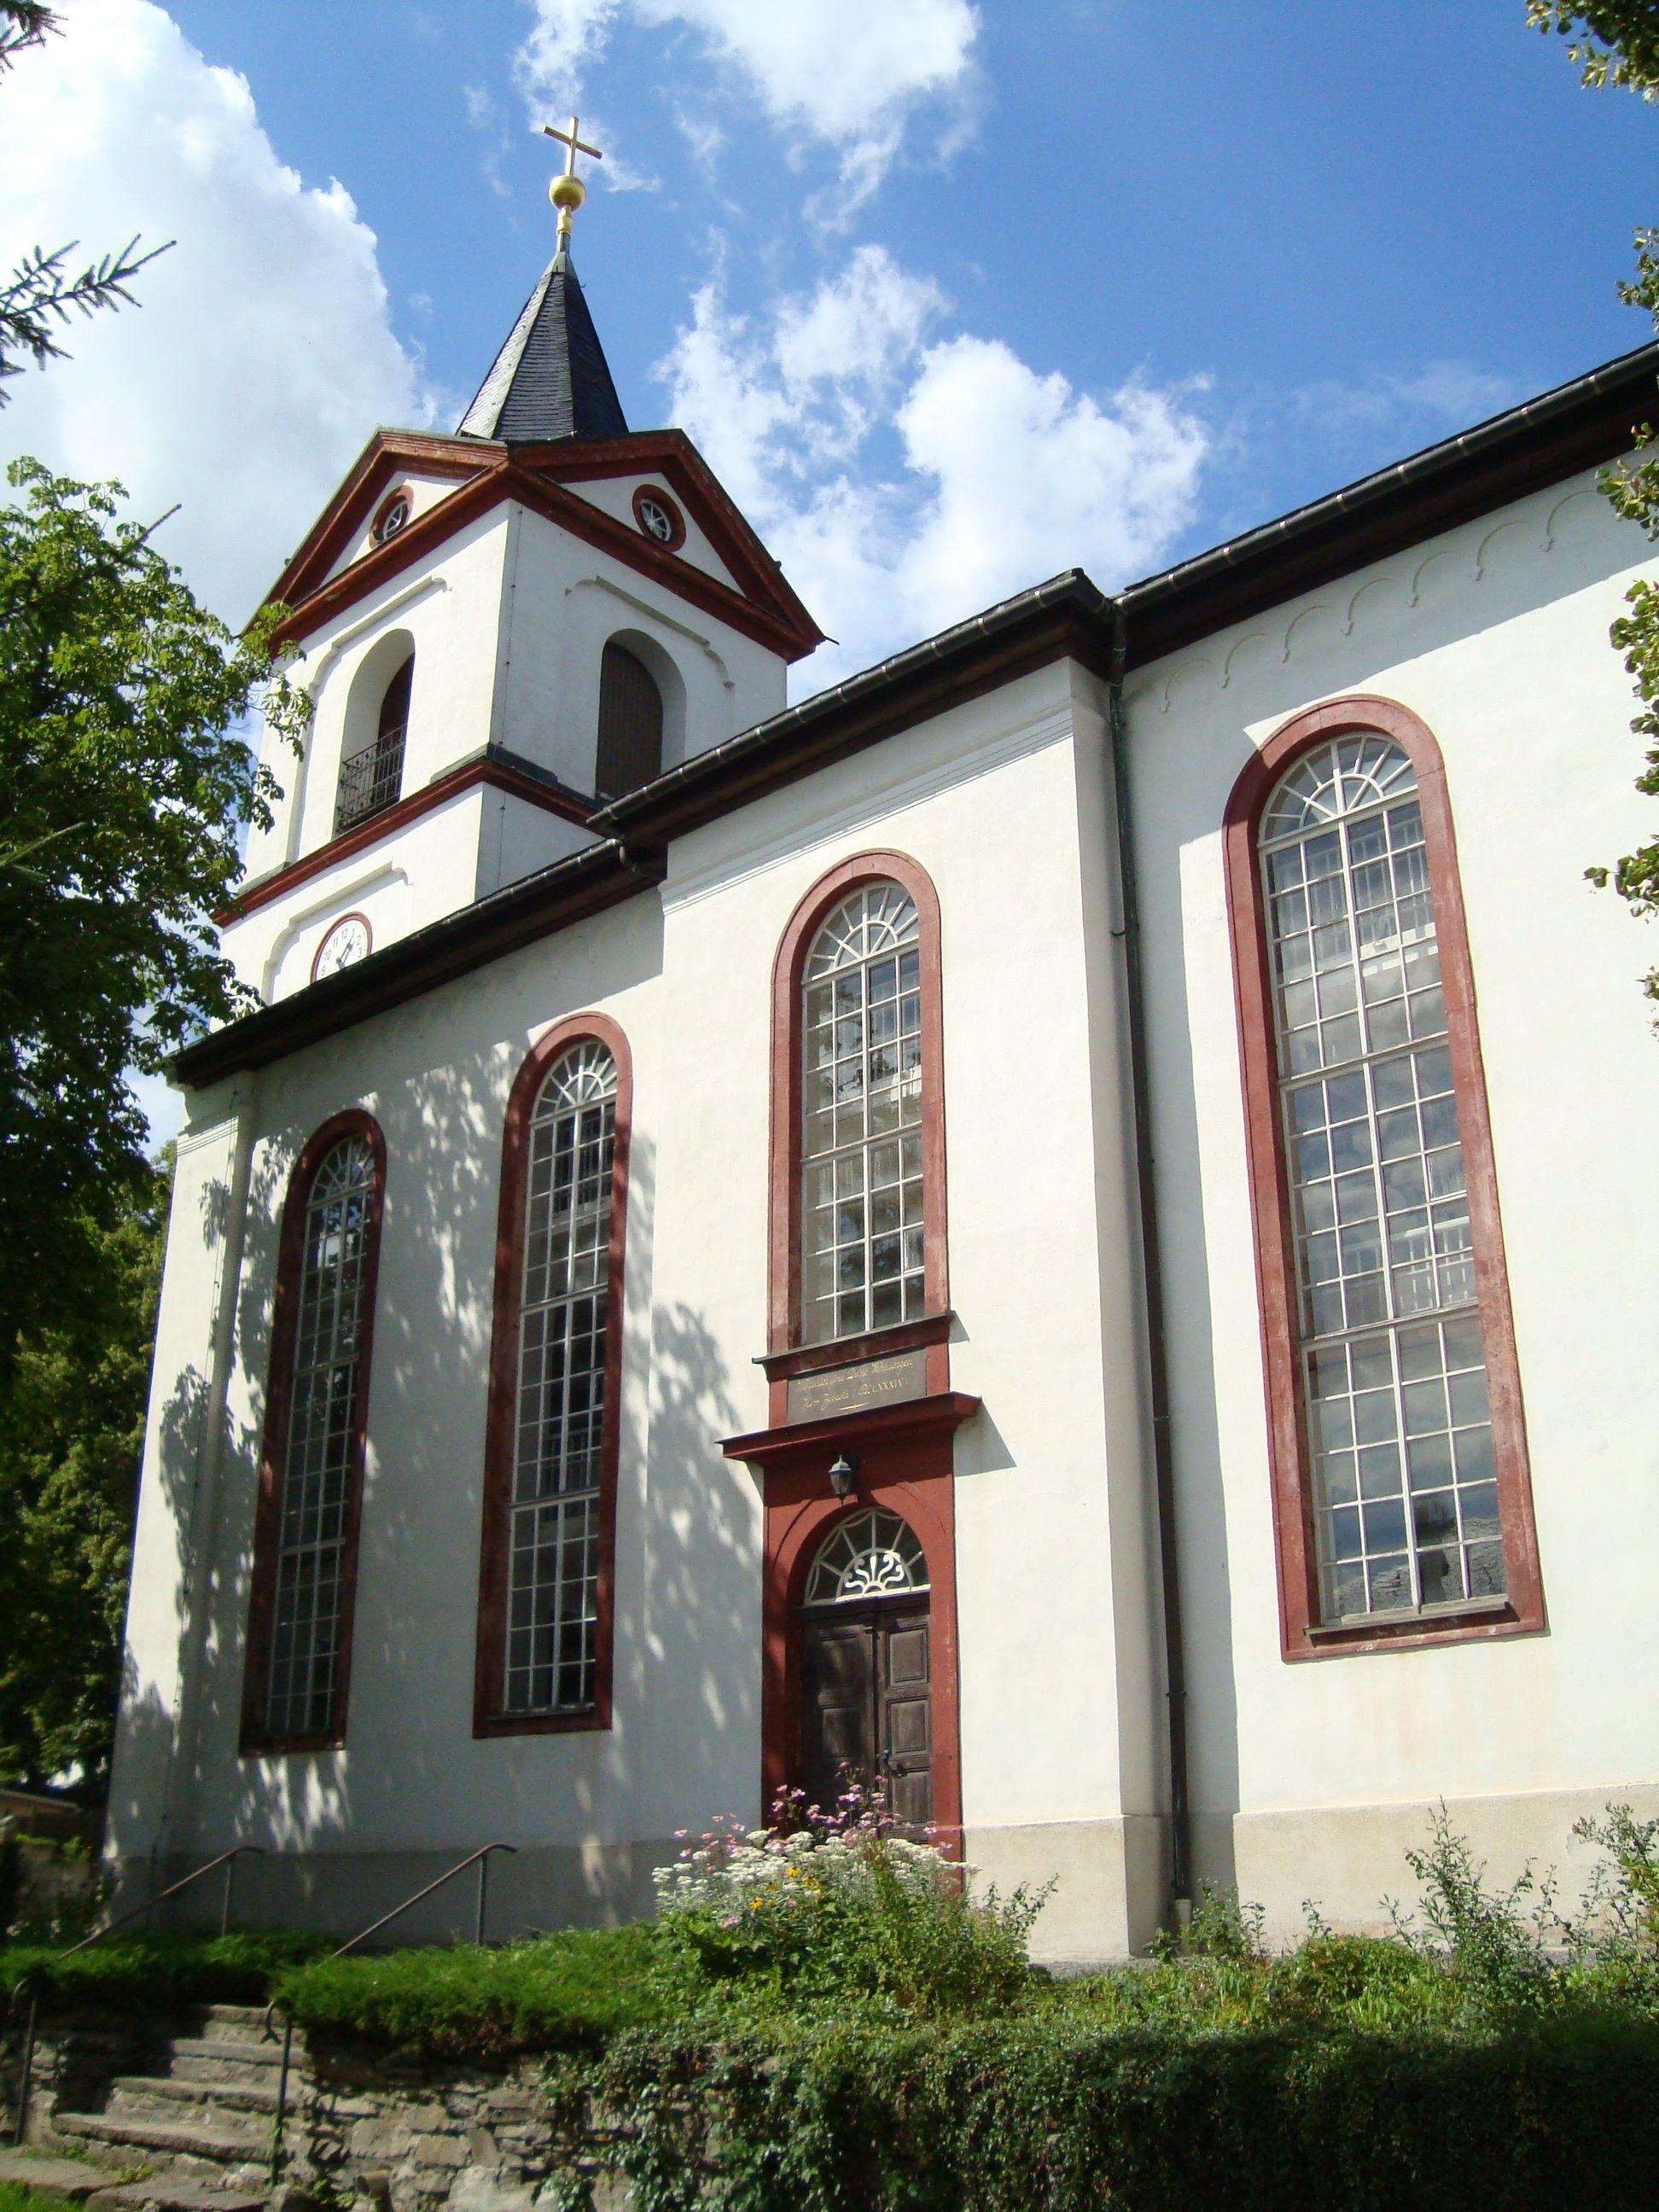 Grünhainichen